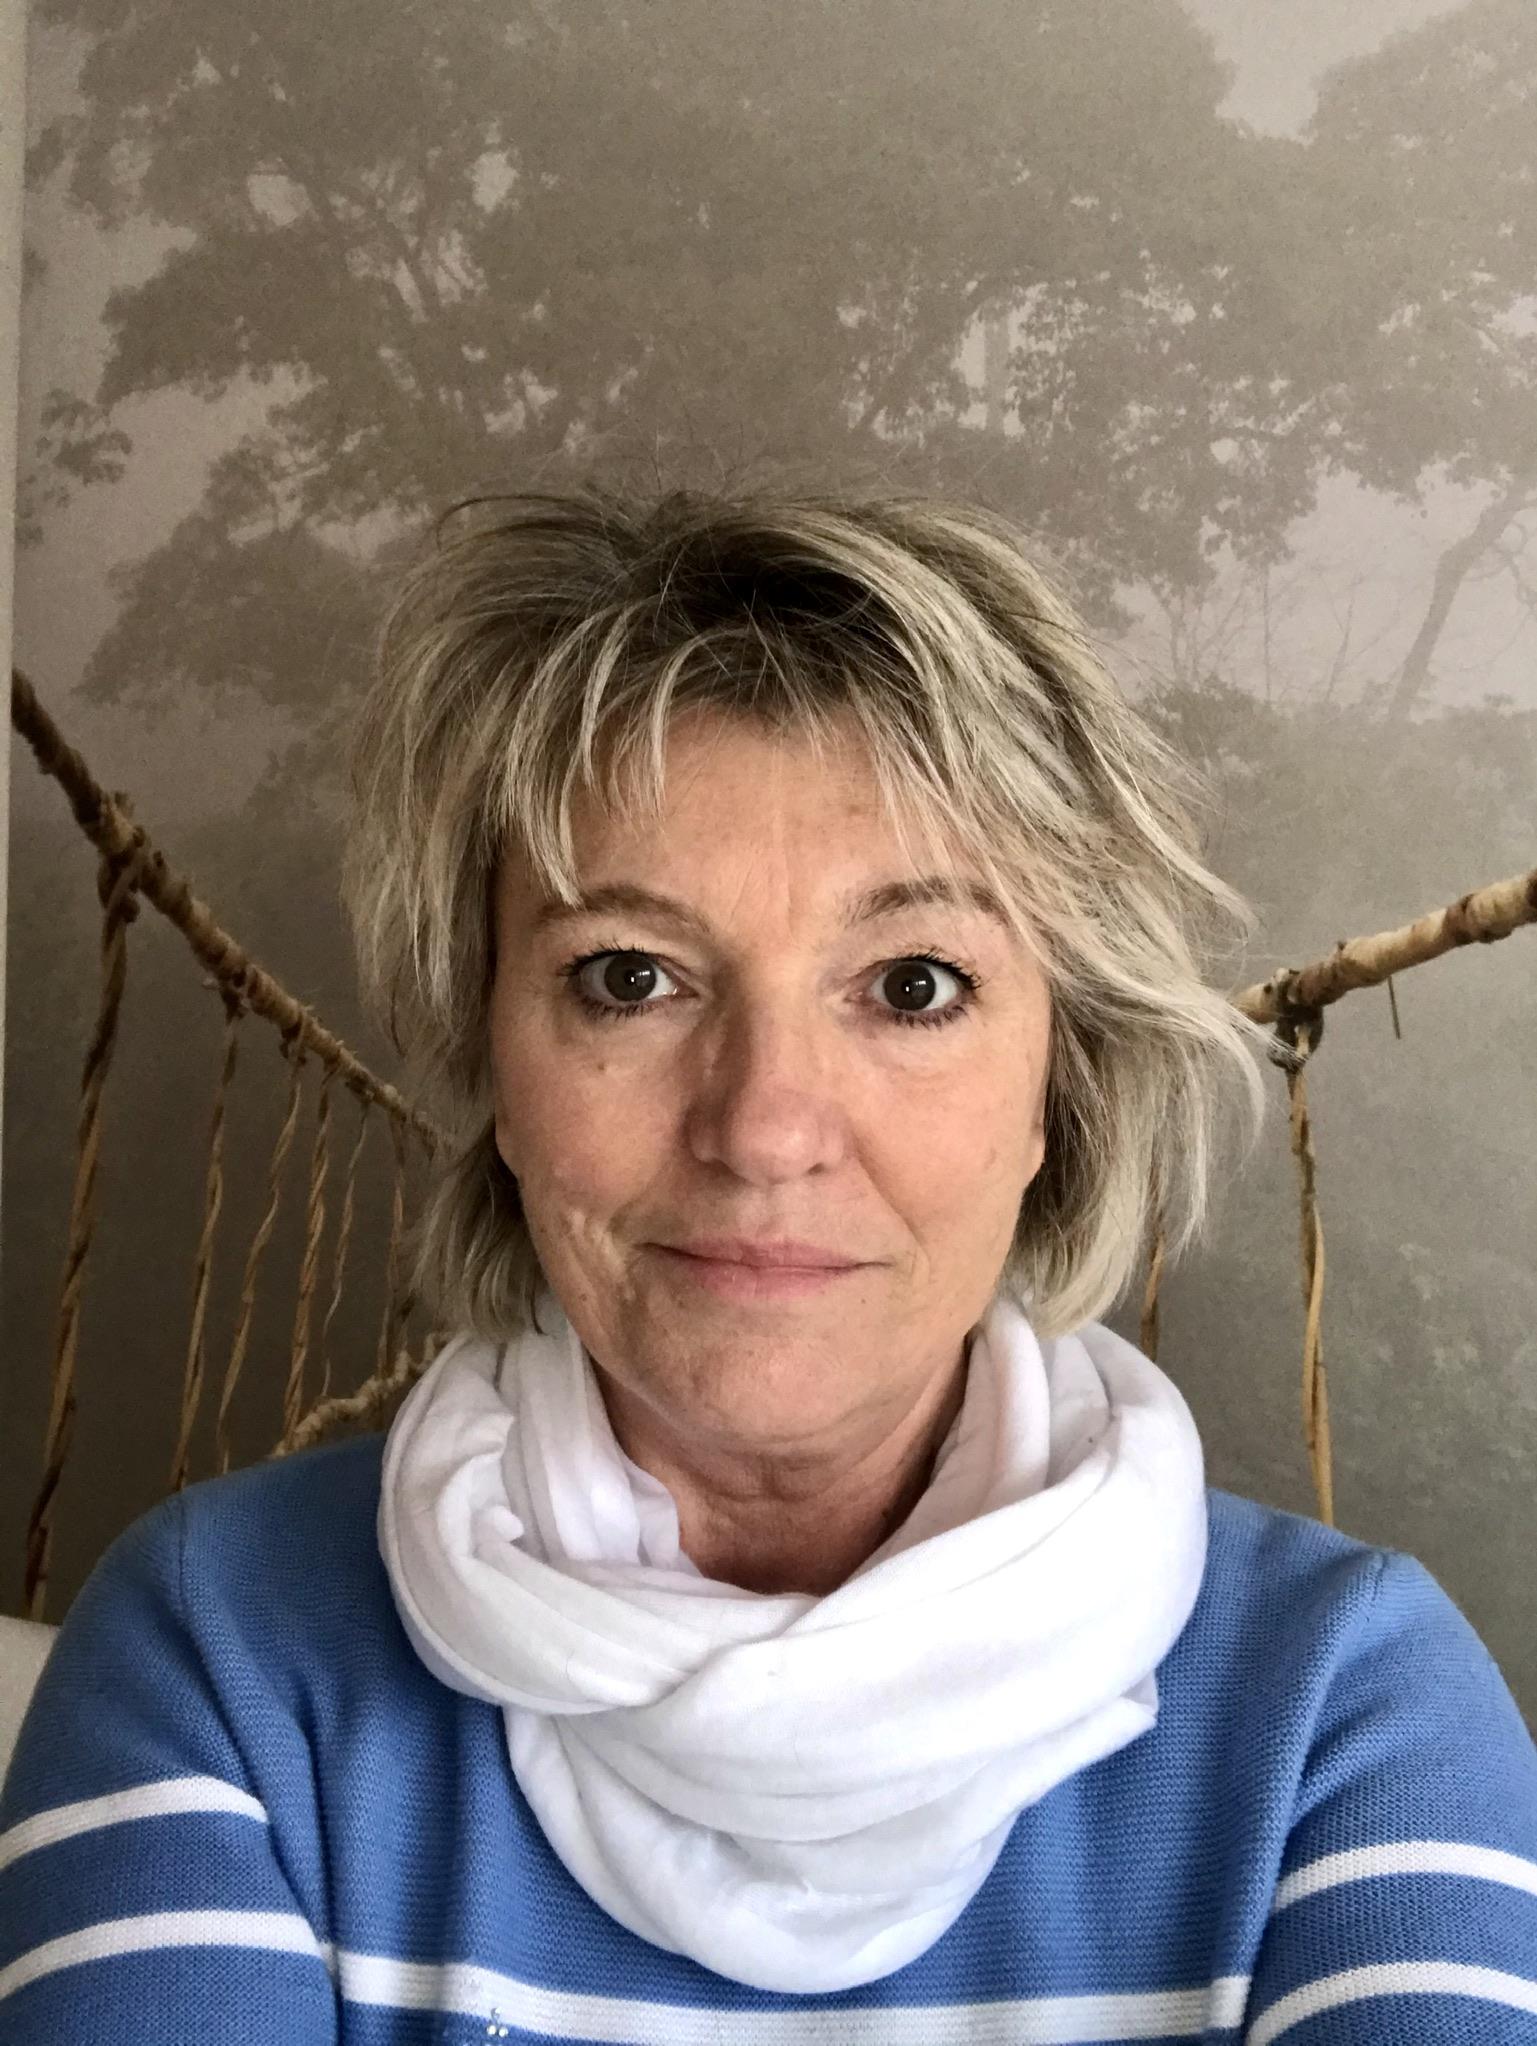 Heidi Perschon